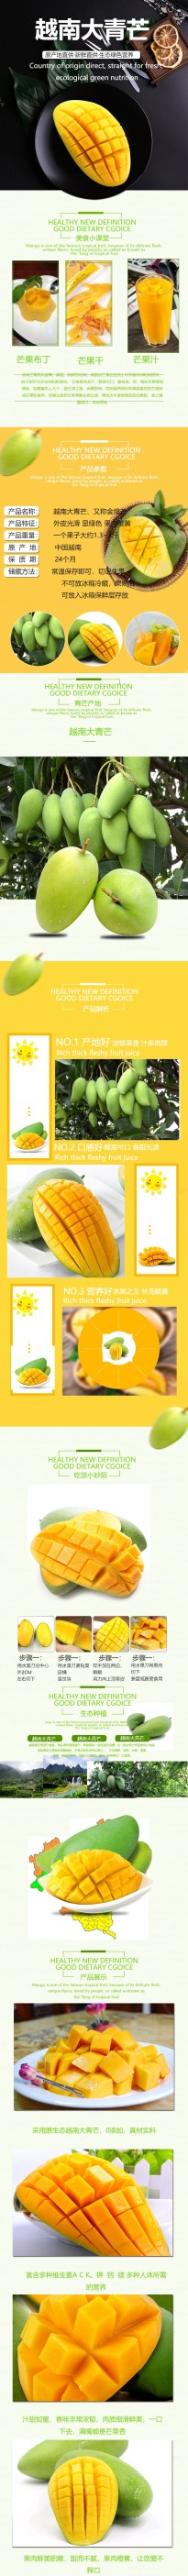 清新简约百货零售生鲜水果促销芒果电商商品详情页